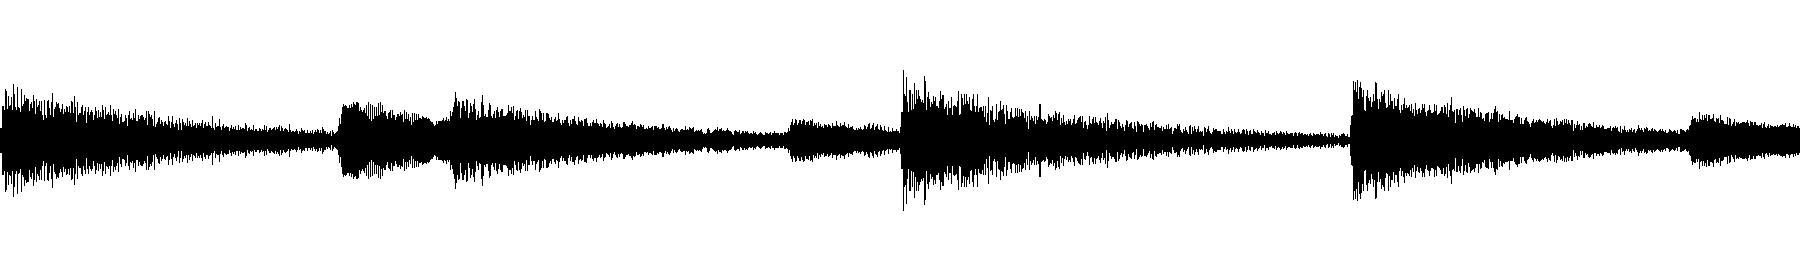 sad piano loop   song jump